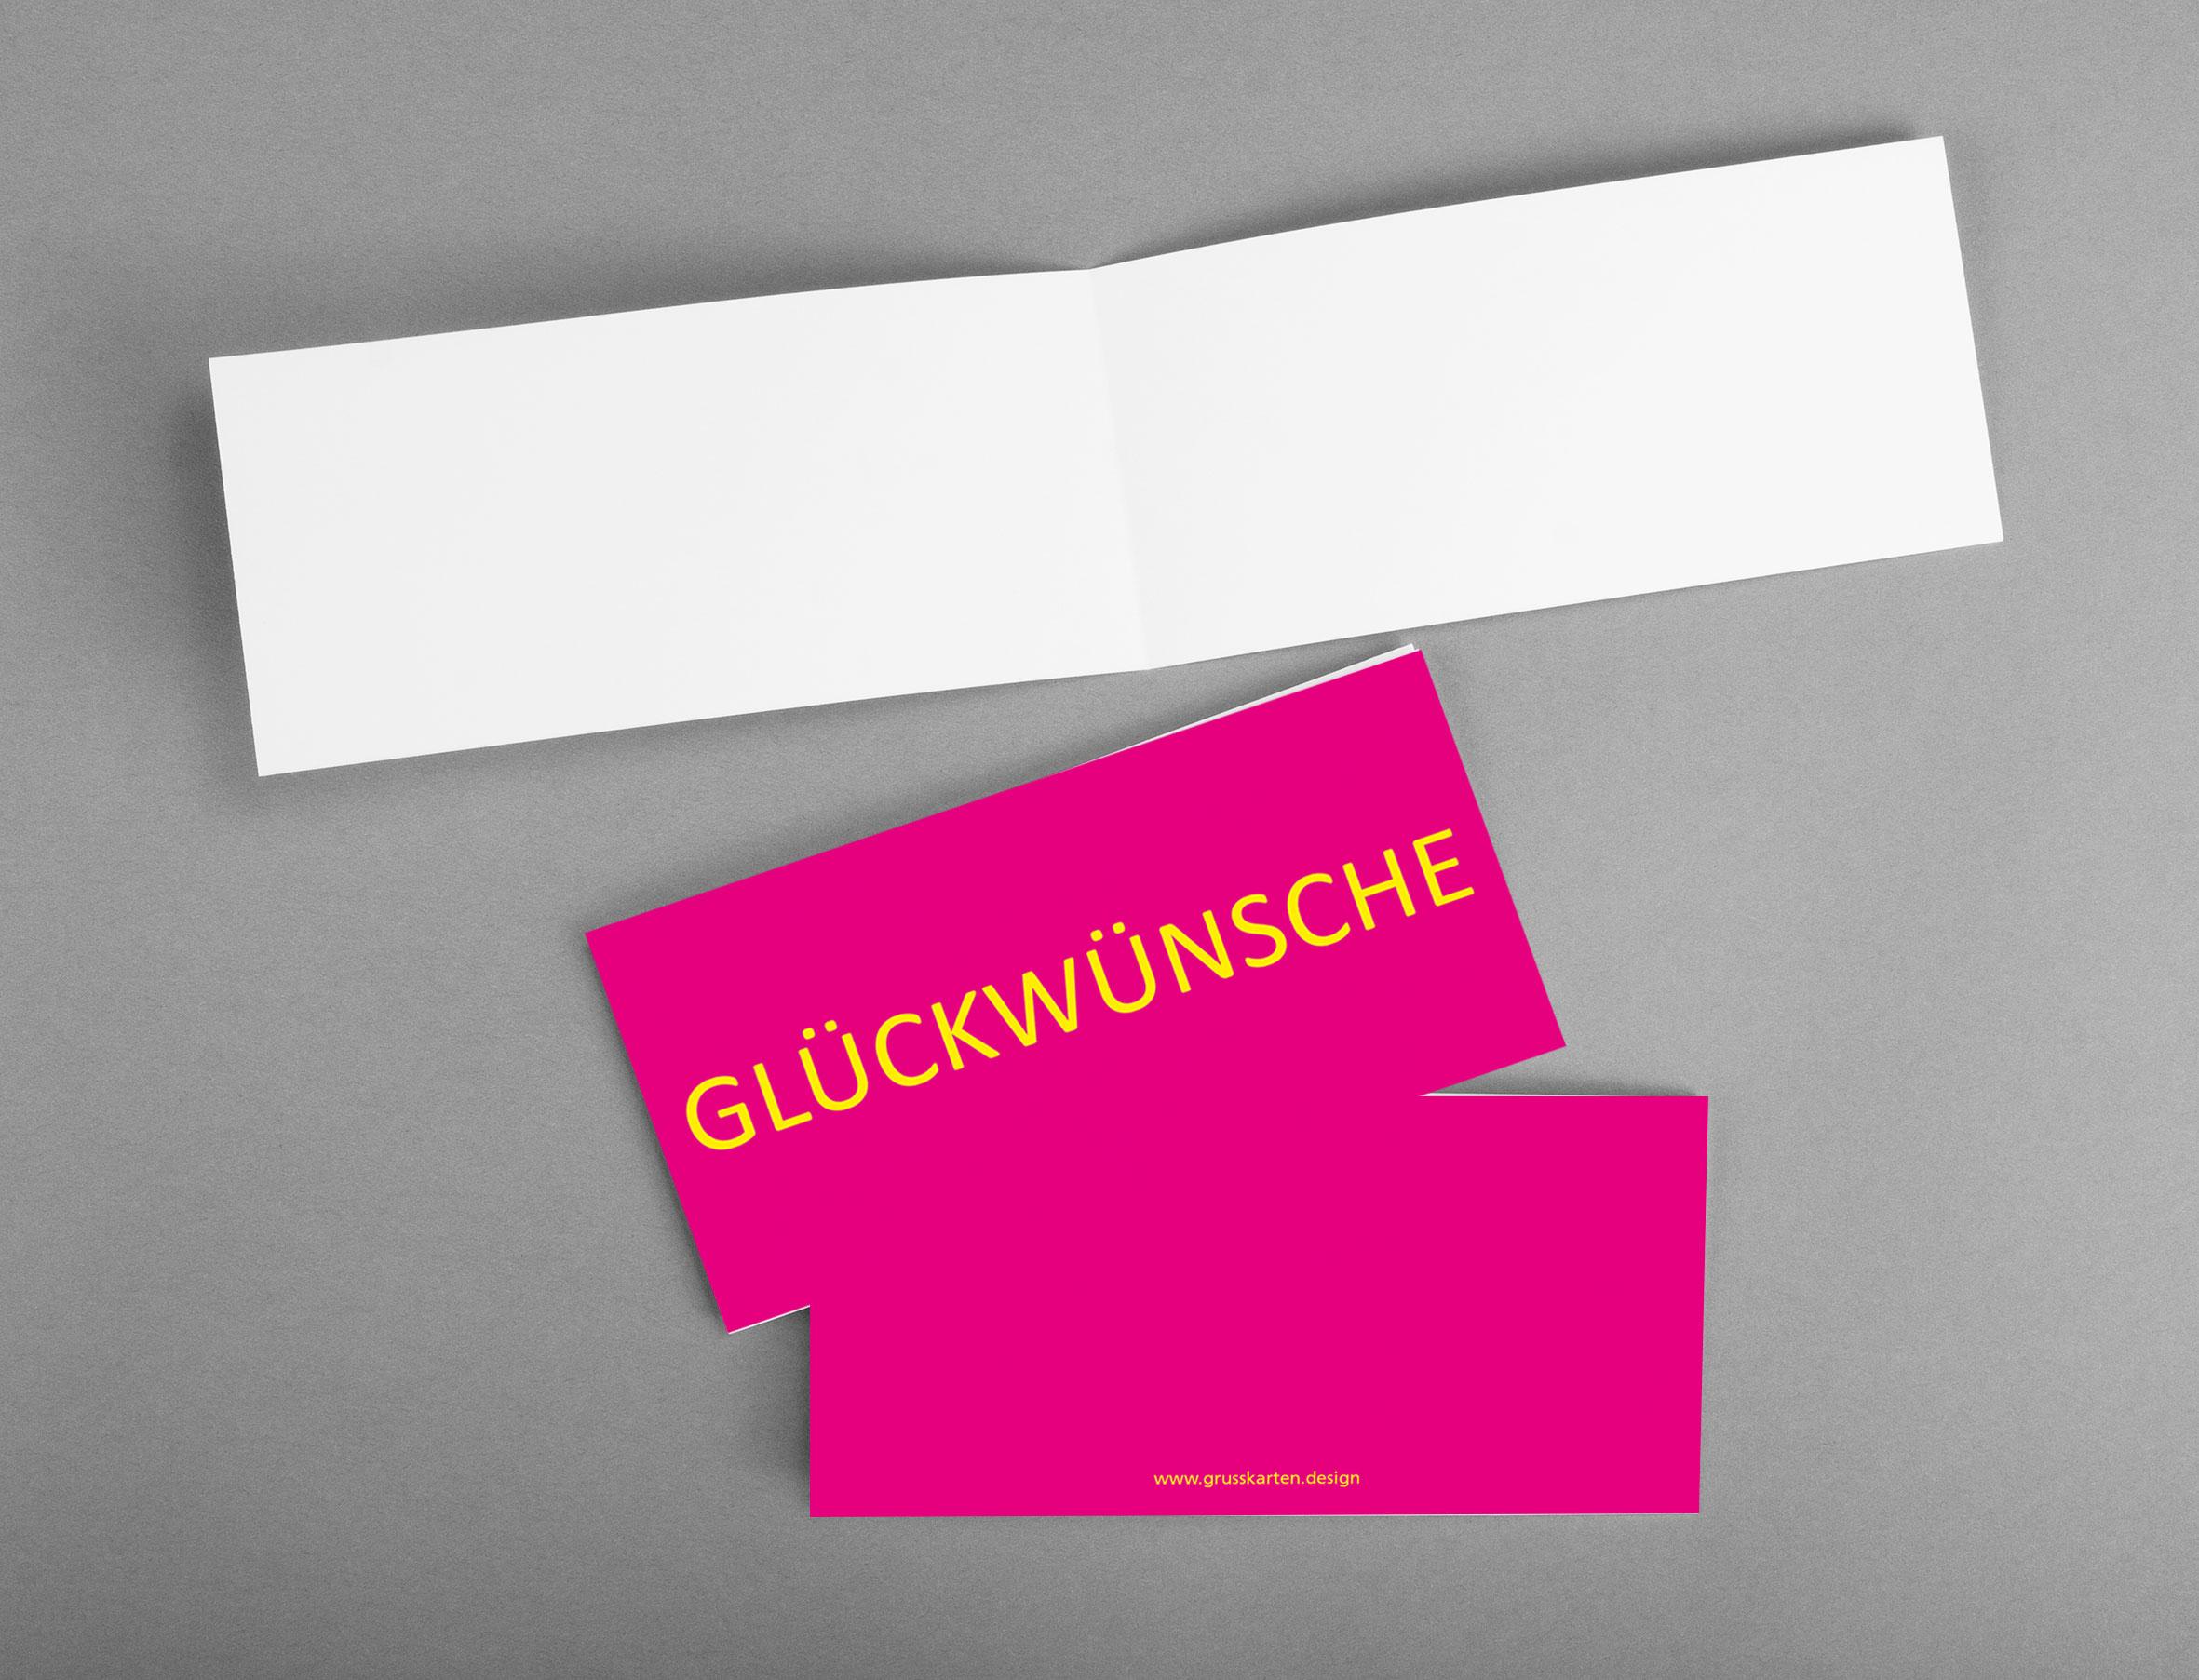 Gl-ckw-nsche-magena_pink_grusskarten-design_aussen